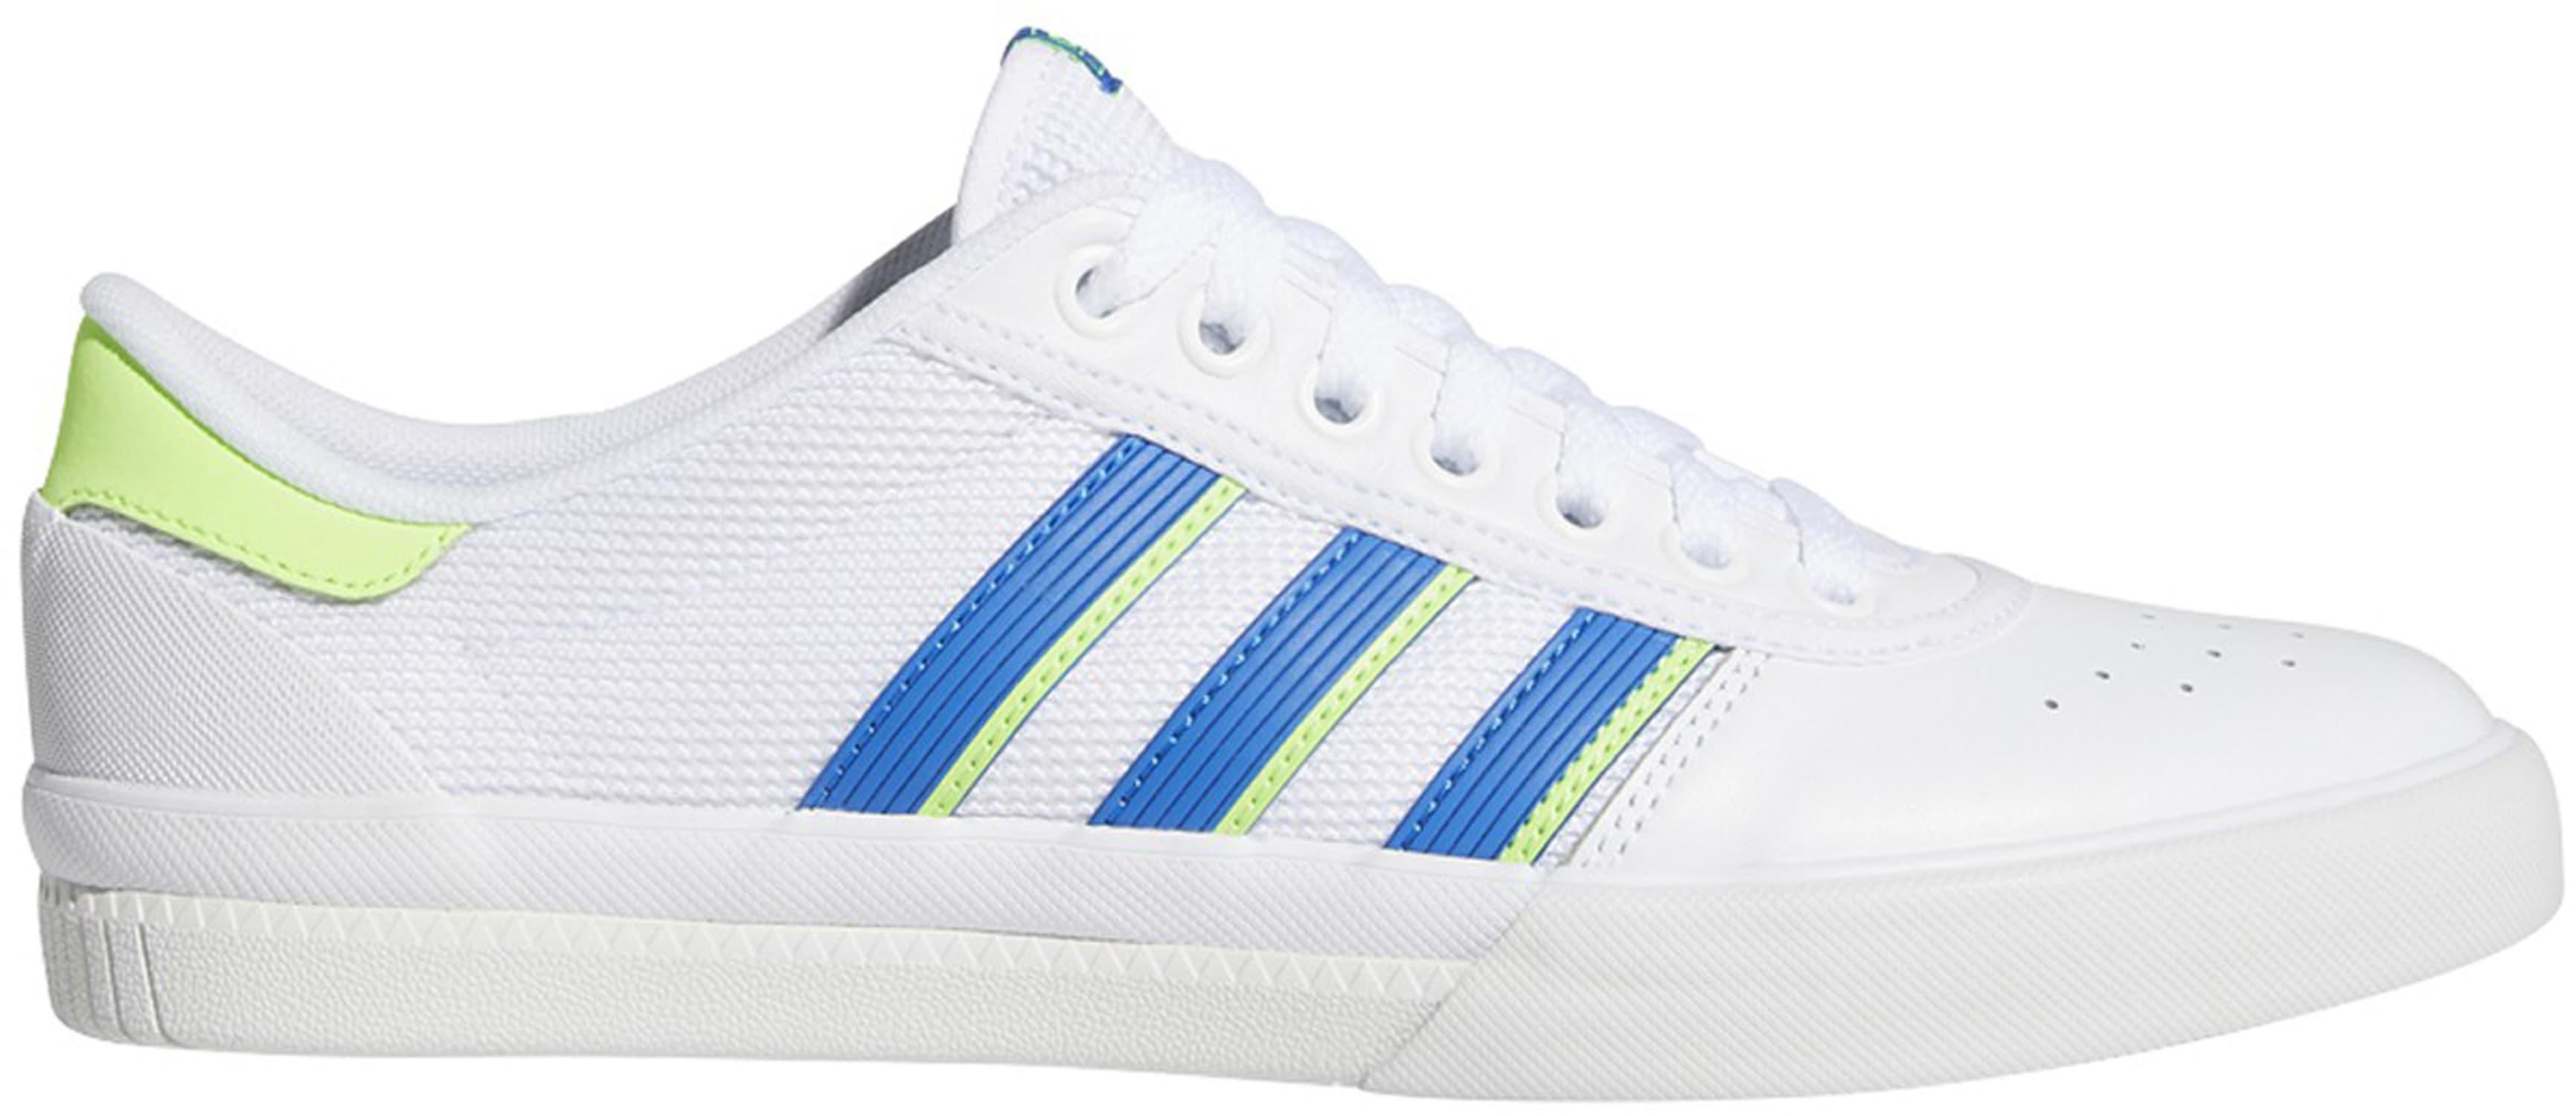 Adidas Lucas Premiere Skate Shoes